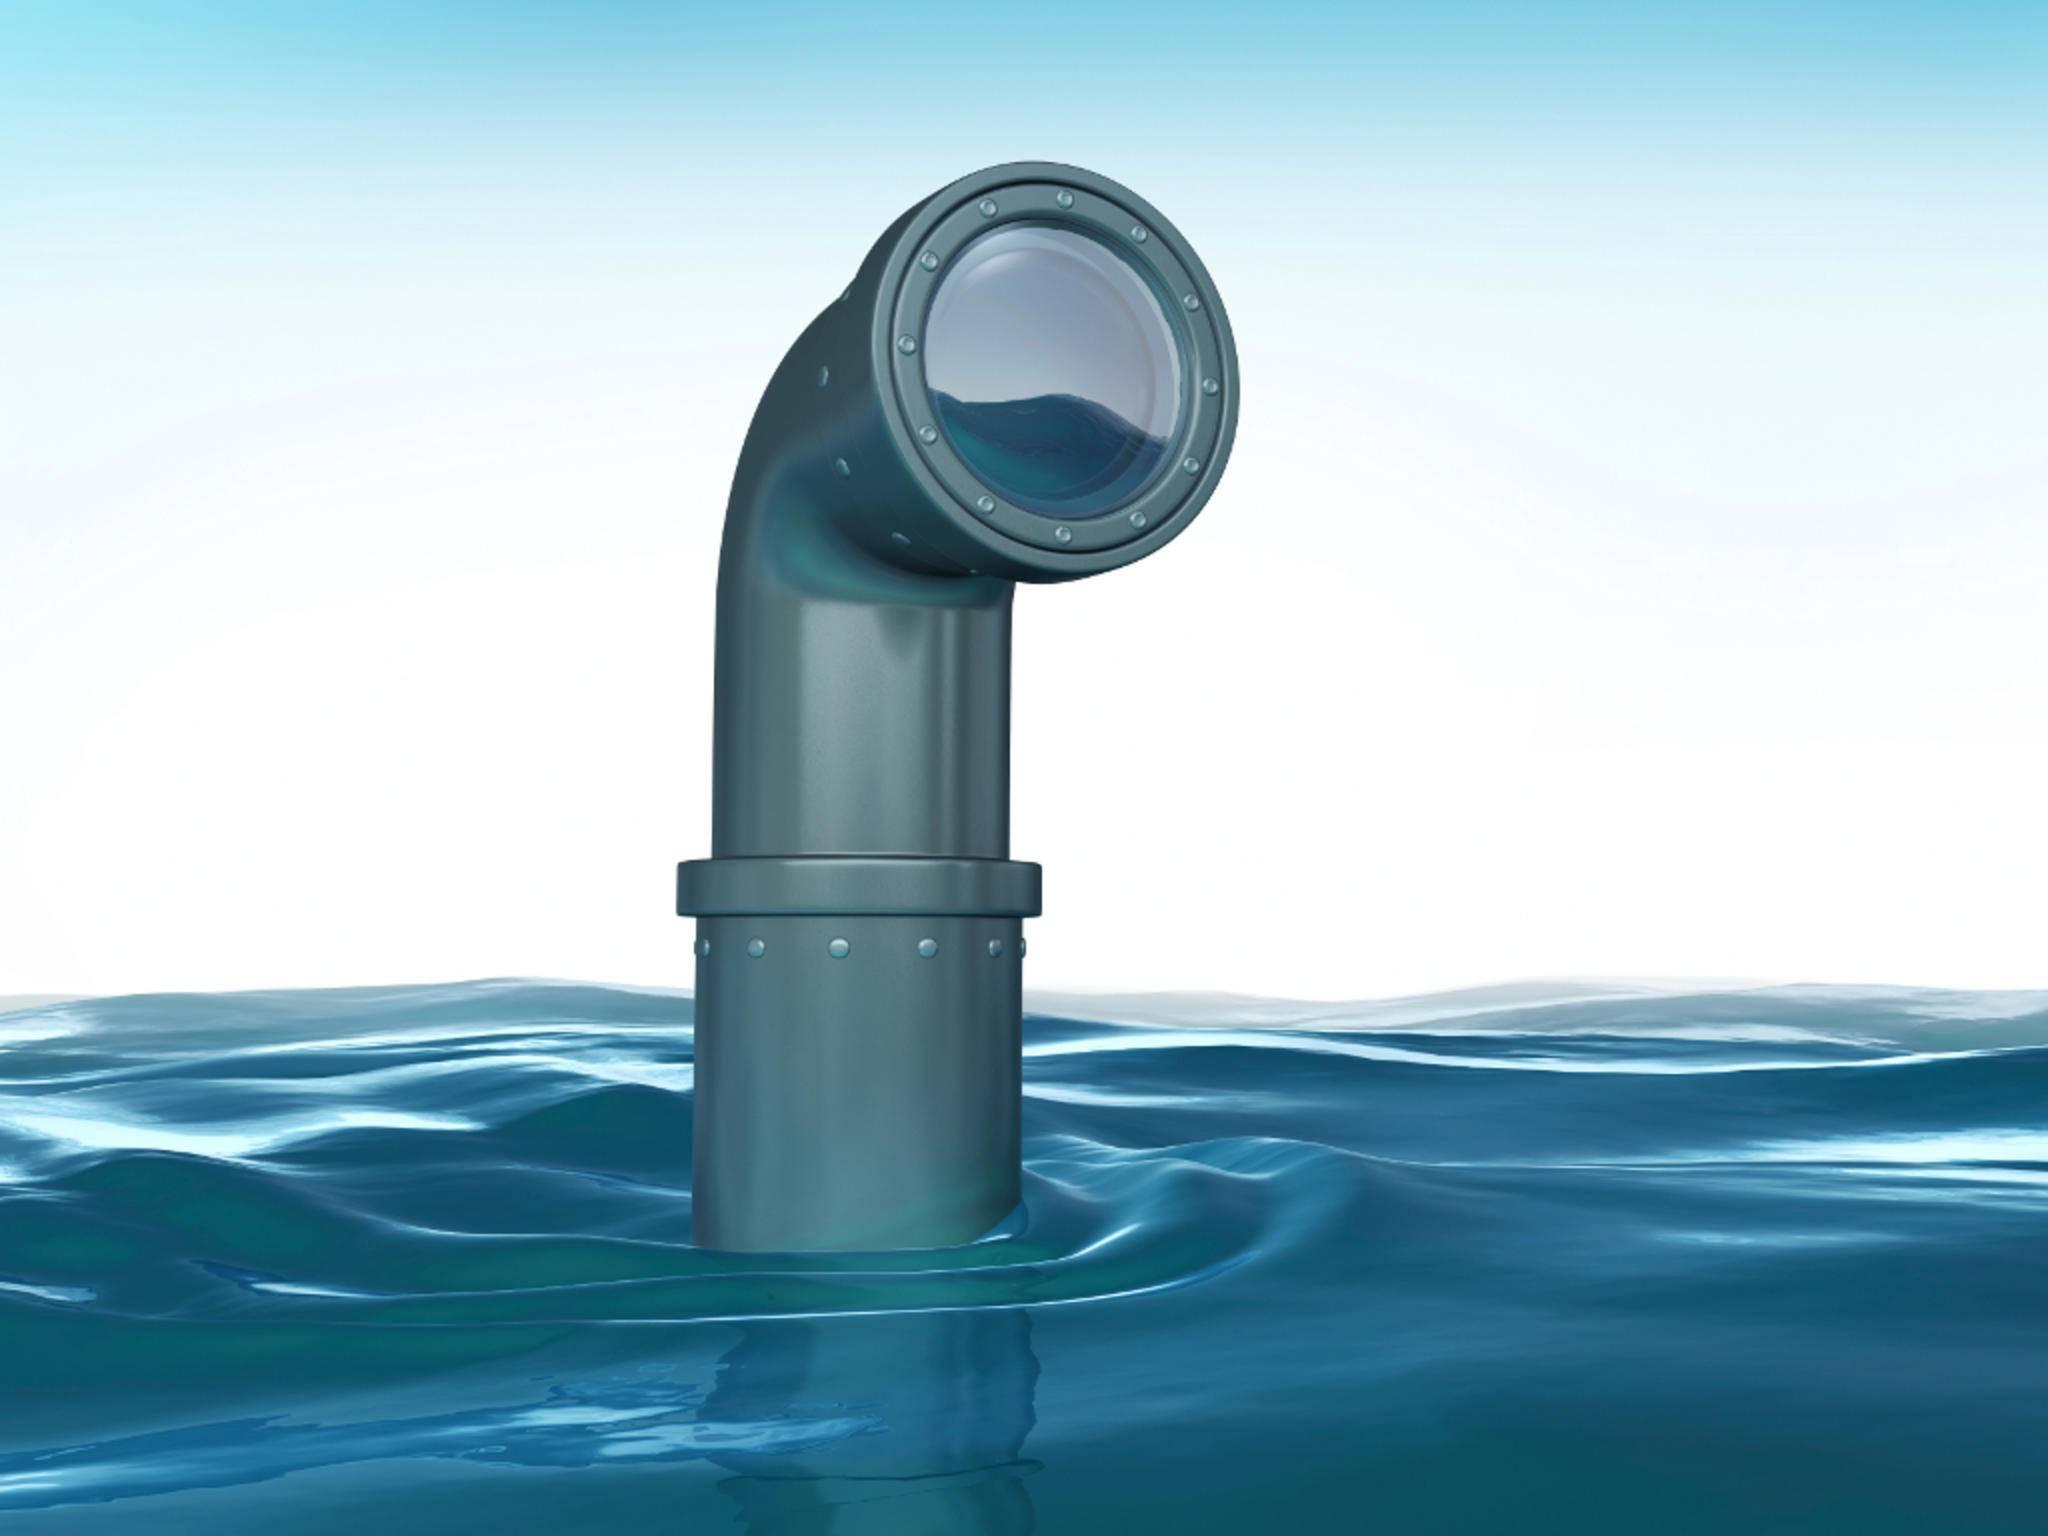 Die App Periscope hat mit dem U-Boot-Bauteil nur wenig gemeinsam.